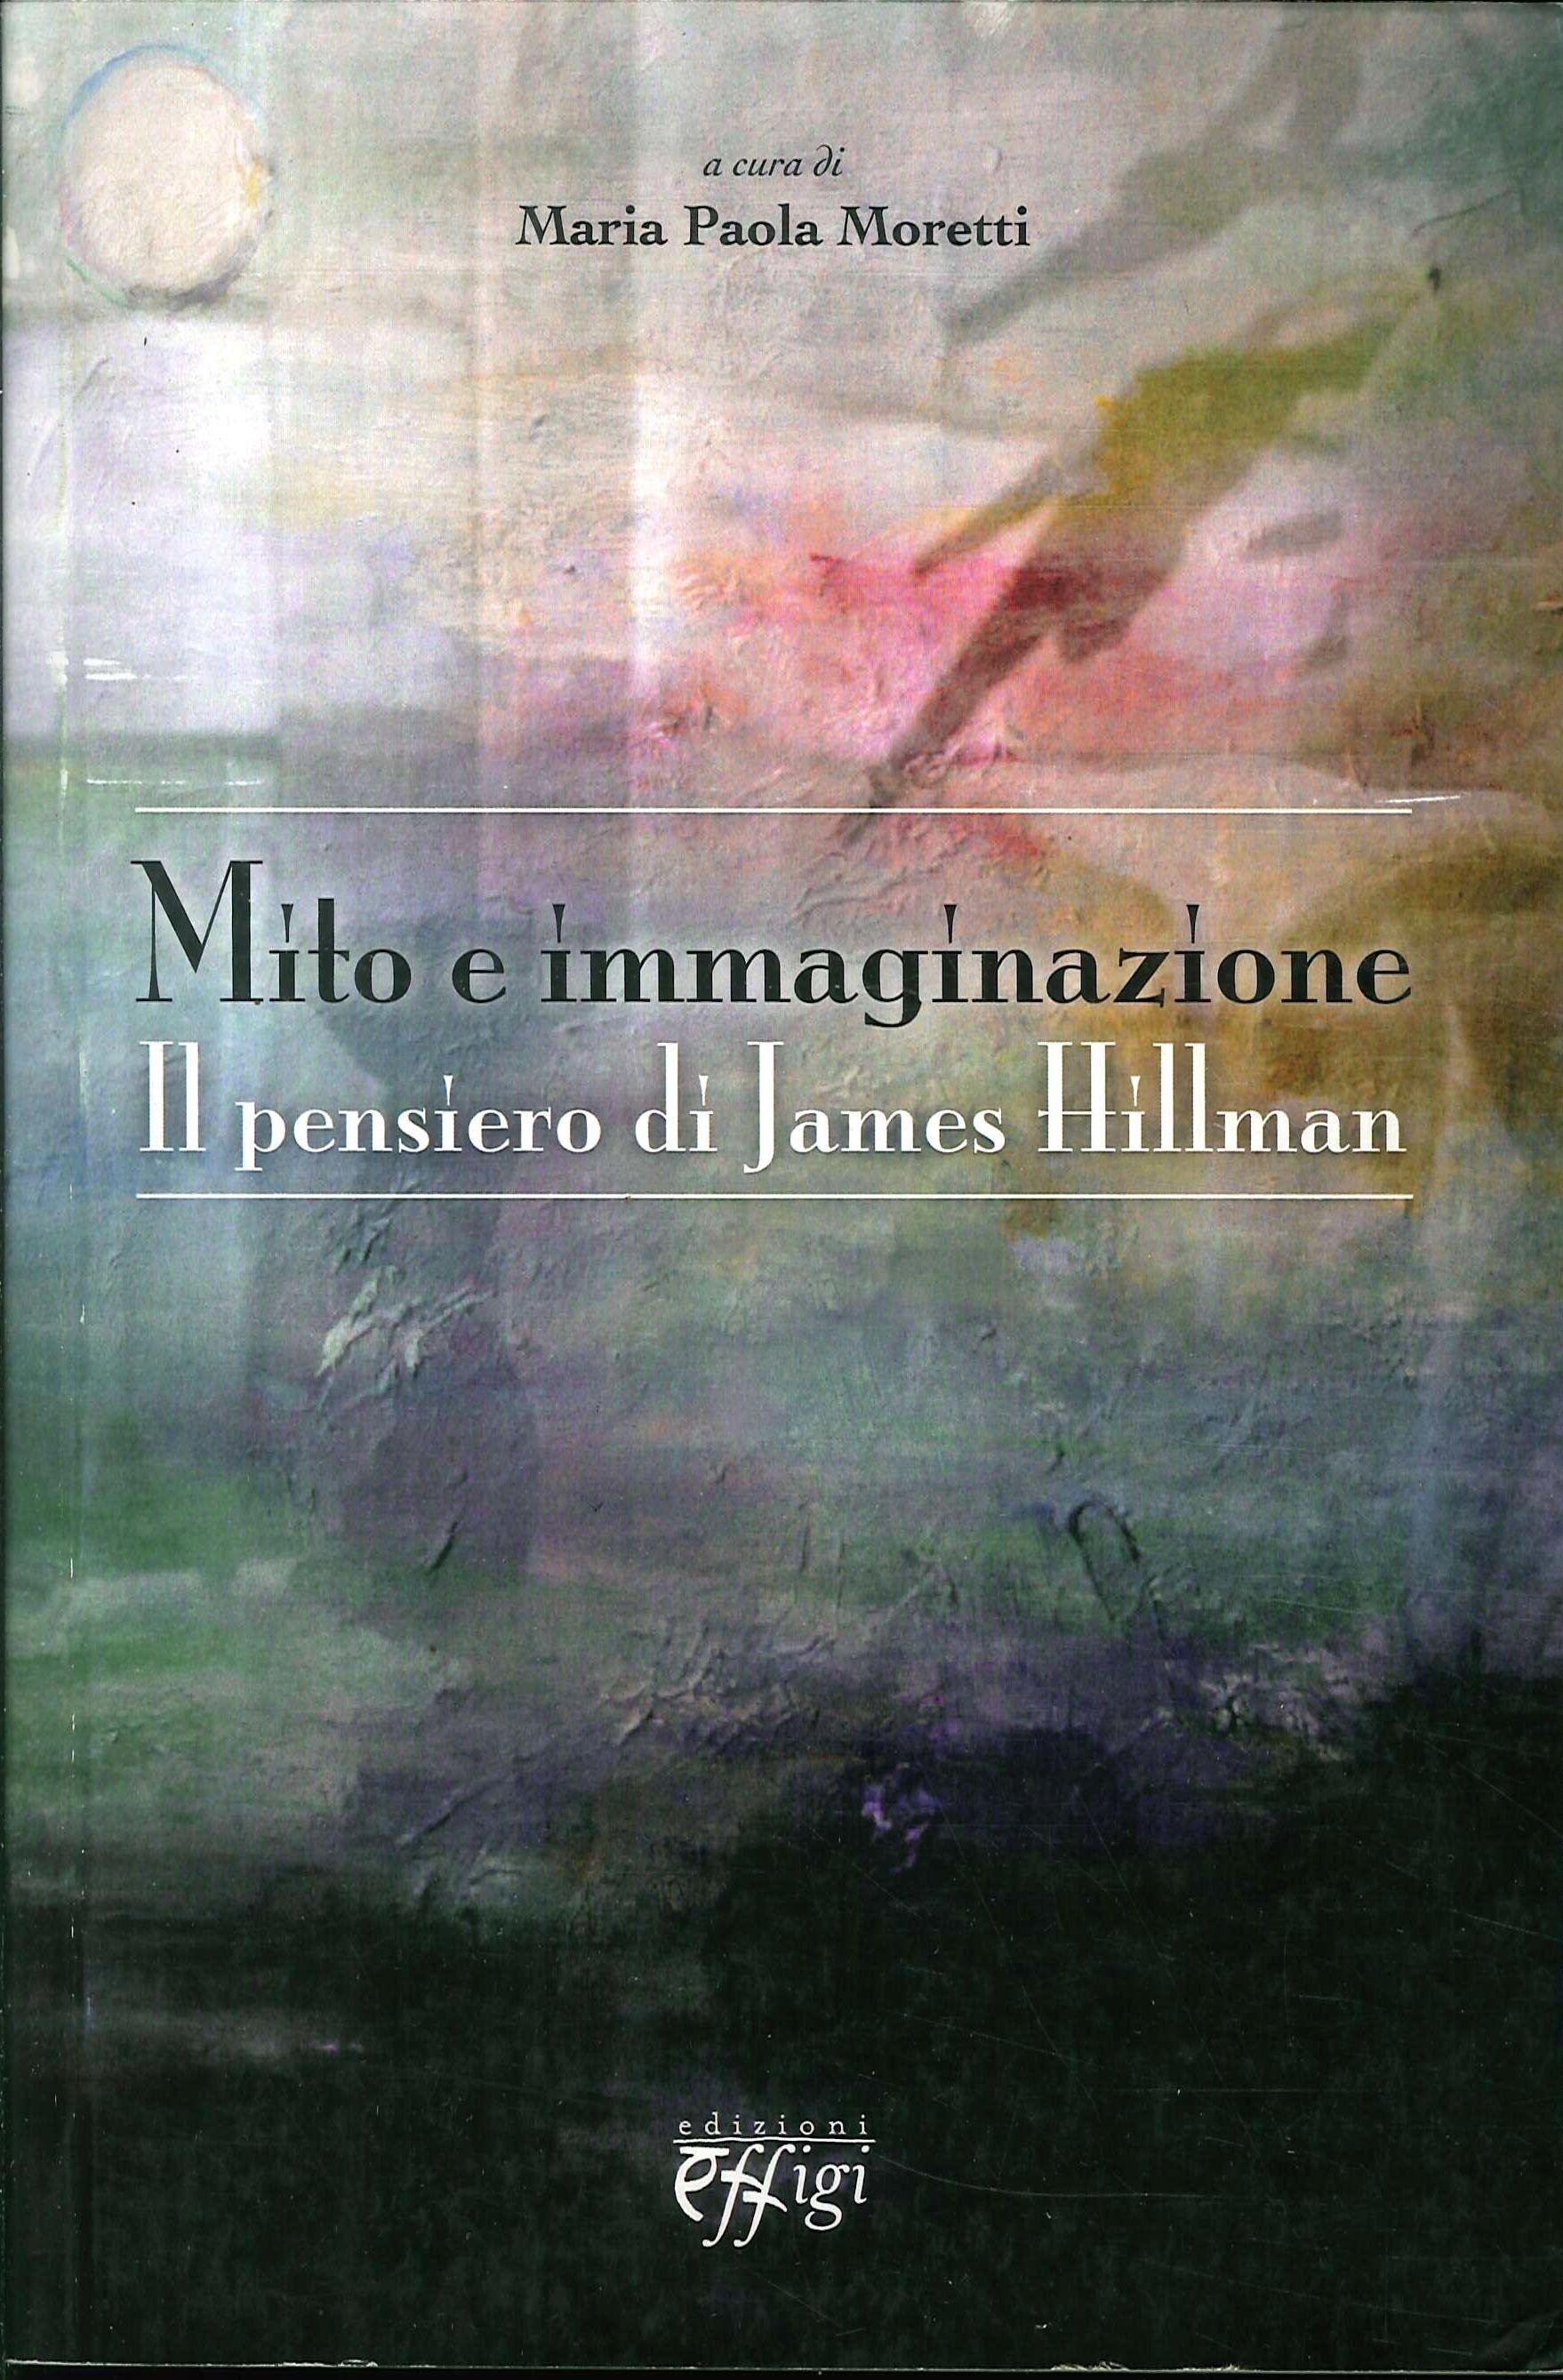 Mito e immaginazione. Il pensiero di James Hillman.